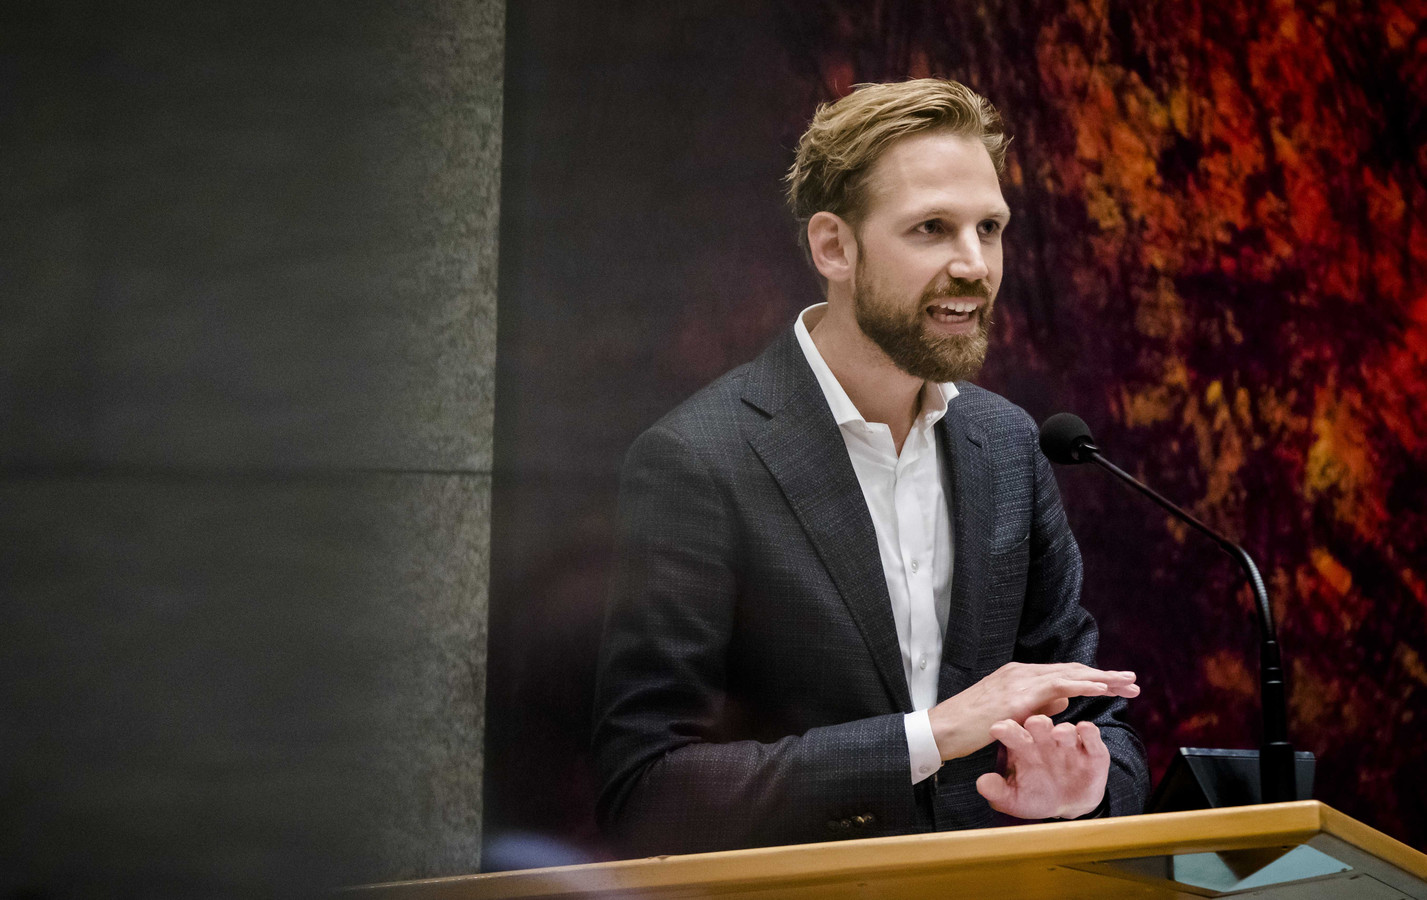 VVD-Kamerlid Dennis Wiersma wil dat universiteiten en hogescholen zelf mogen beslissen hoeveel studenten van buiten Europa ze toelaten.